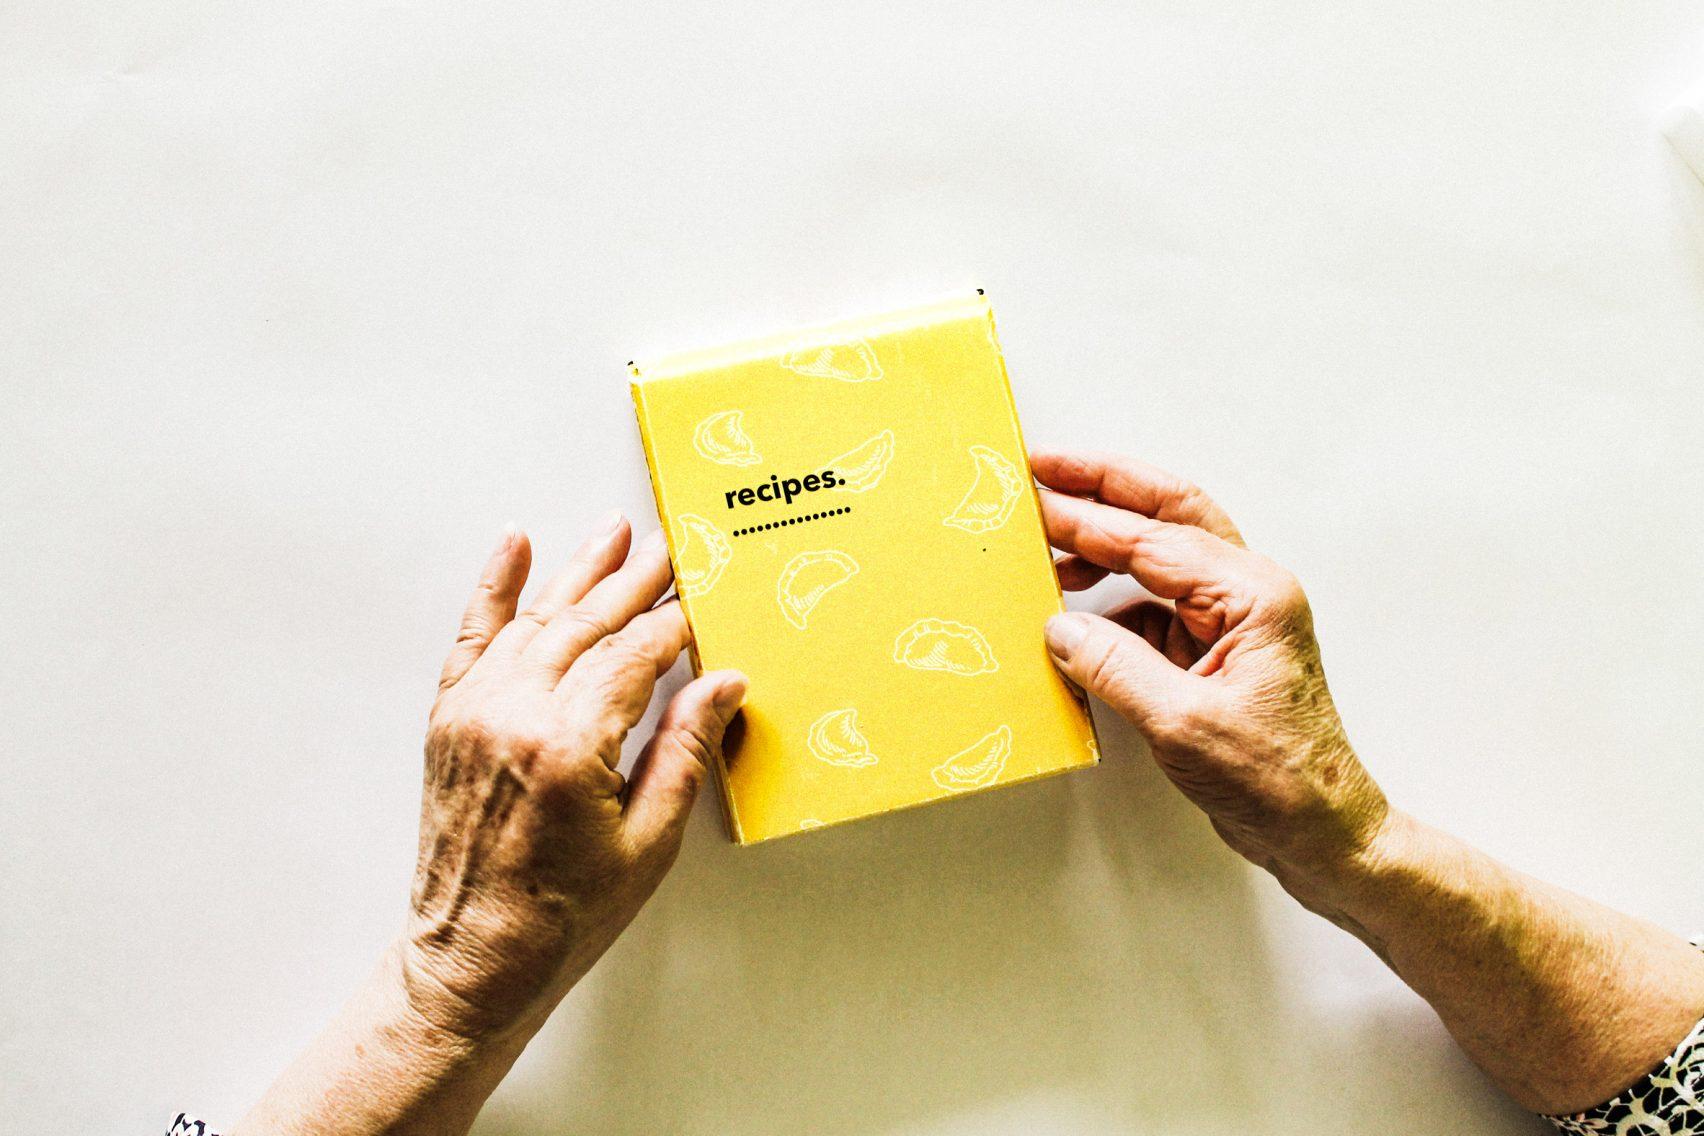 social over magda sabatowska cooking design elderly dezeen 2364 col 2 1704x1136 - Un kit cuisine pour éviter l'isolement des personnes âgés